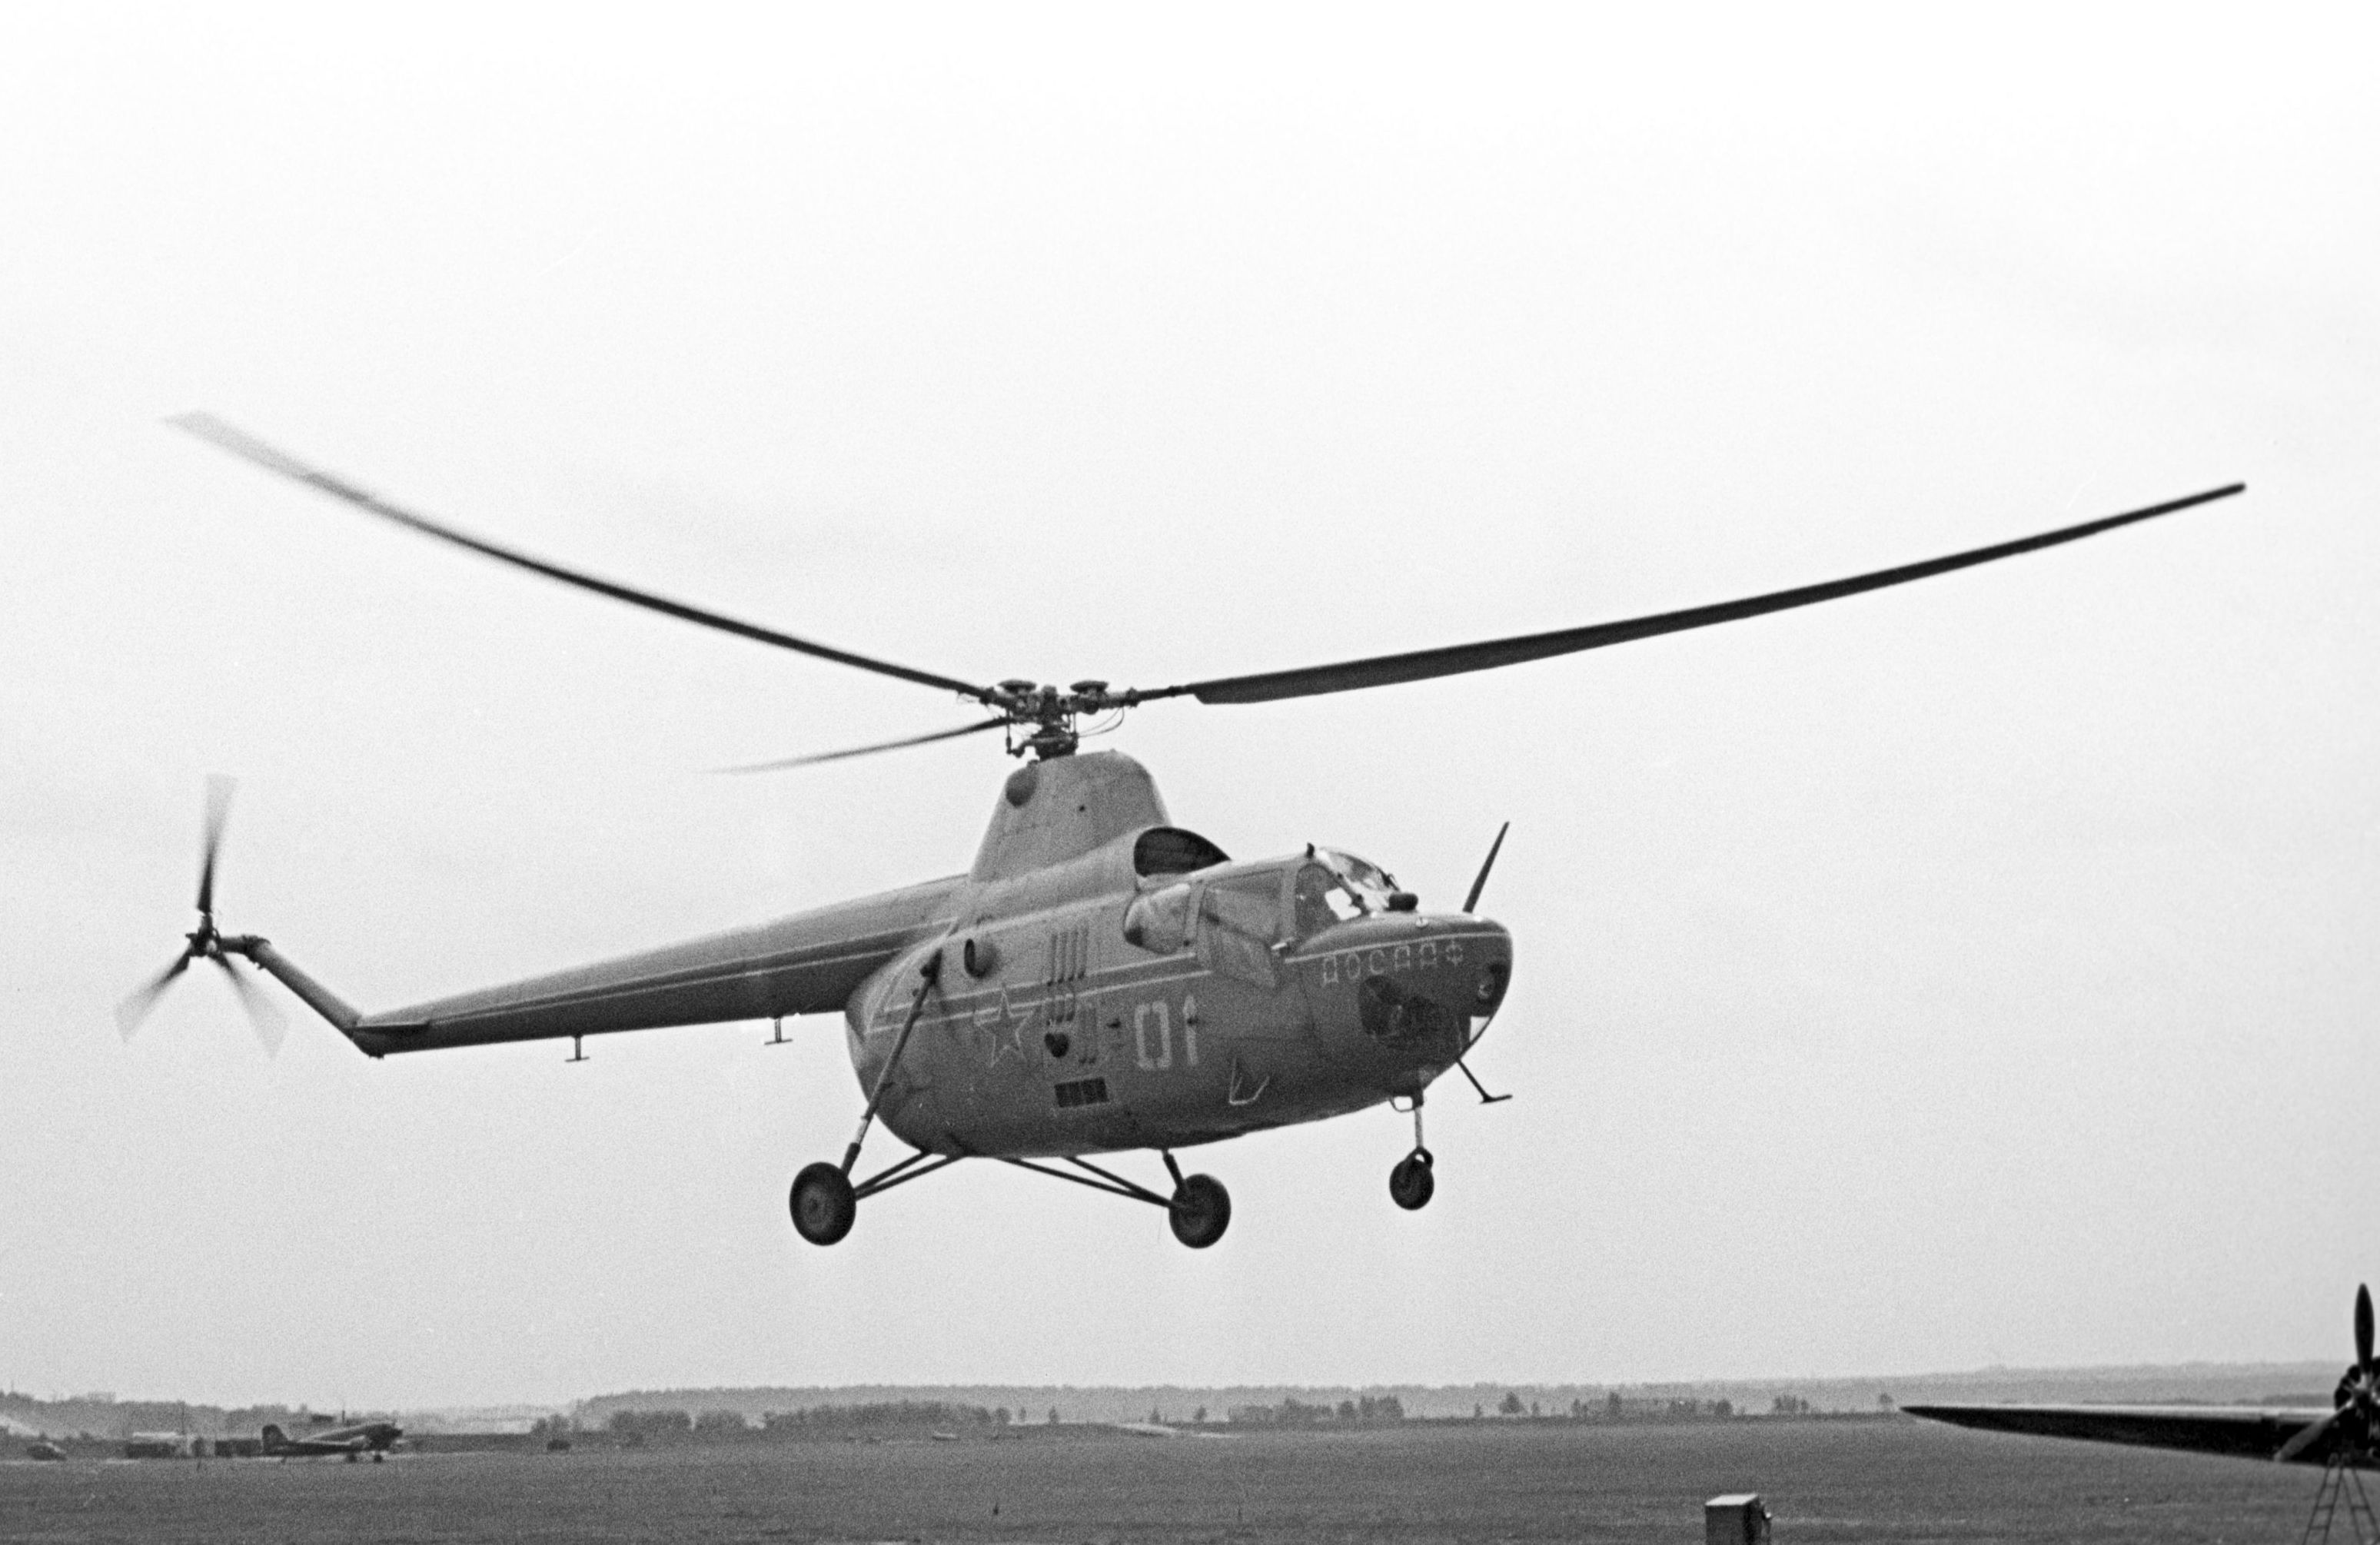 El Mi-1 estableció varios récords mundiales de velocidad, altitud y alcance.